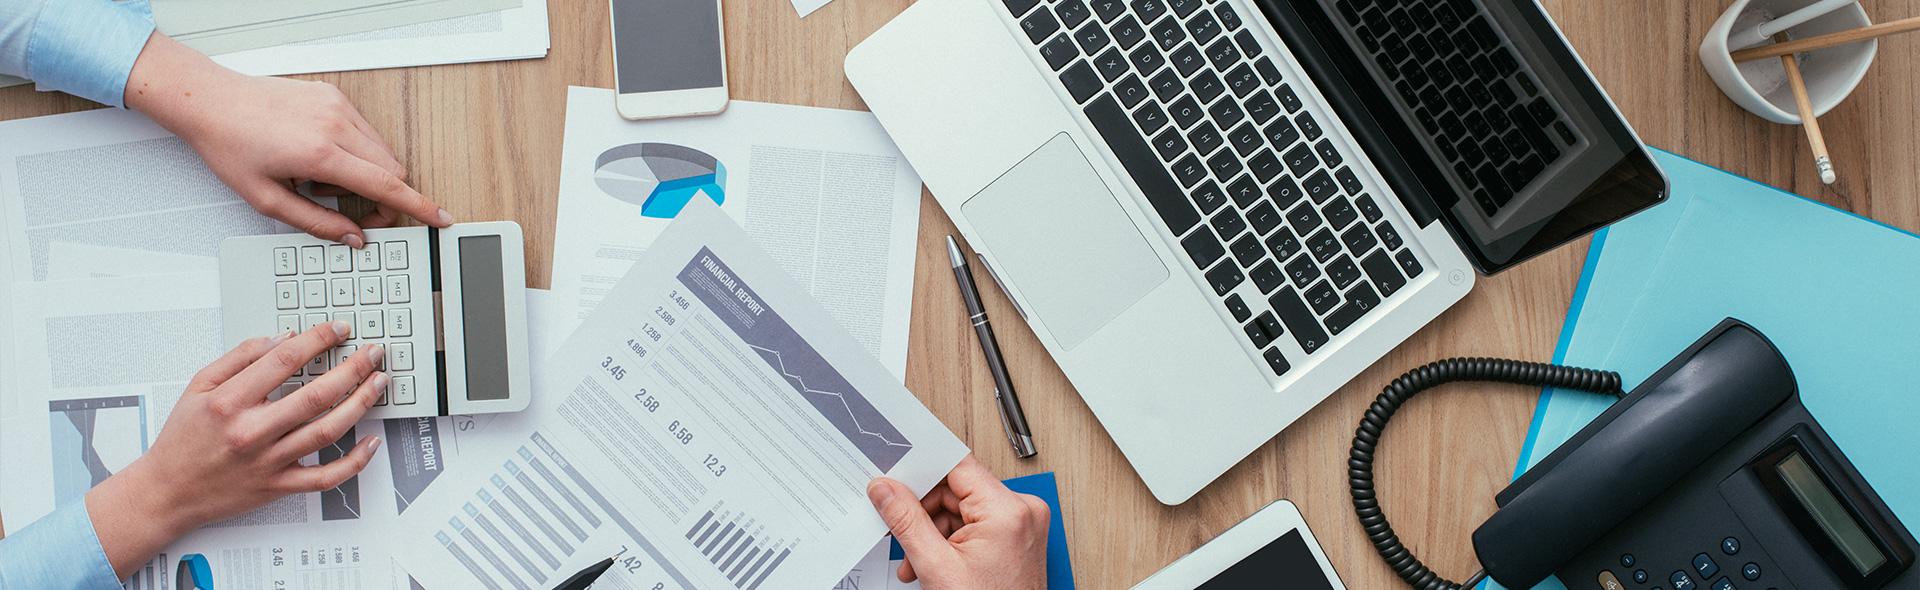 خرید آنلاین نرم افزار حسابداری 4 خرید آنلاین نرم افزار حسابداری